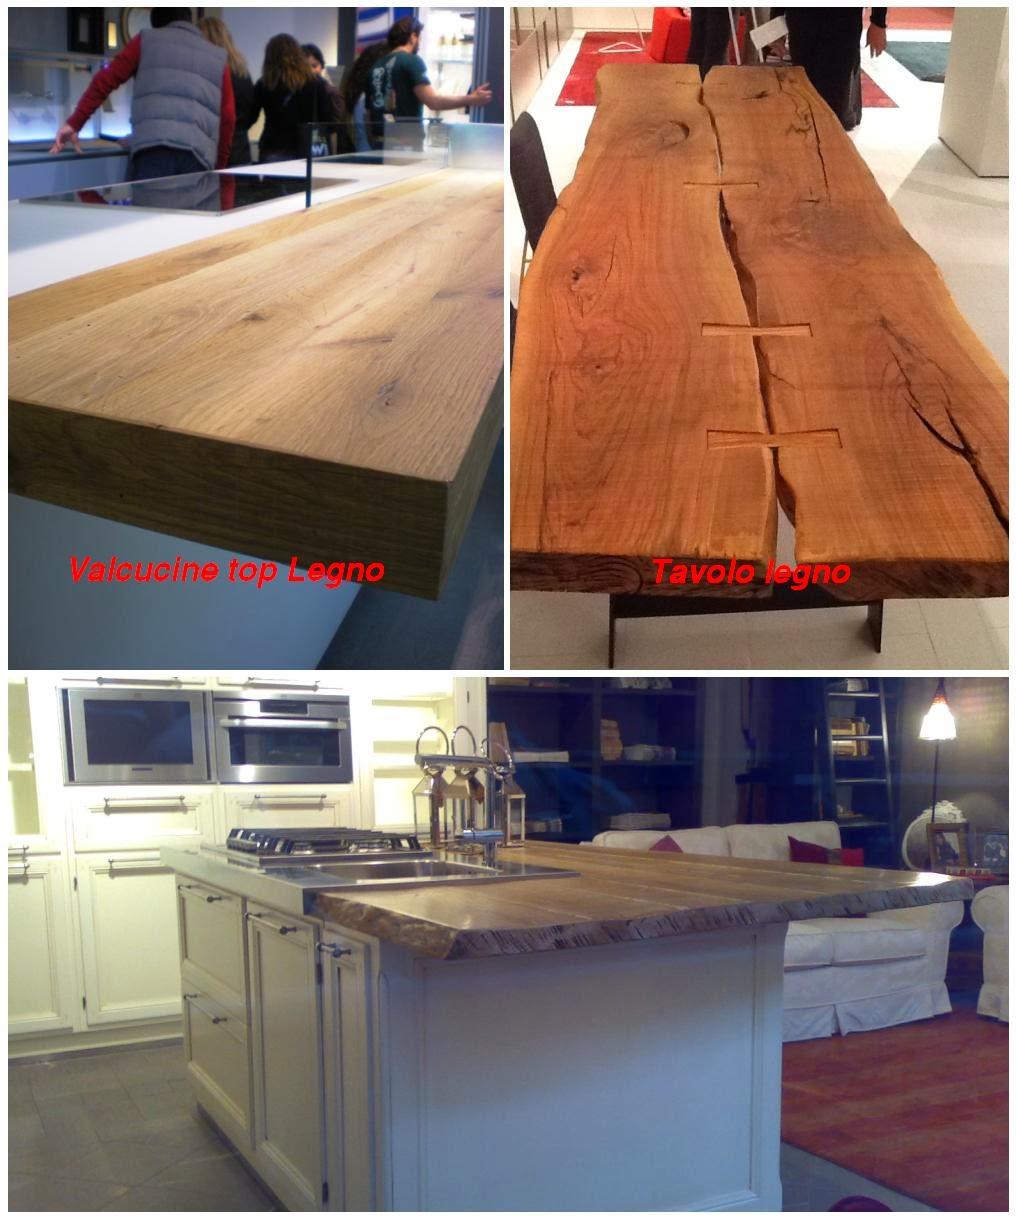 La casa rosso papavero i miei preferiti - Cucina in legno per bambini ikea ...